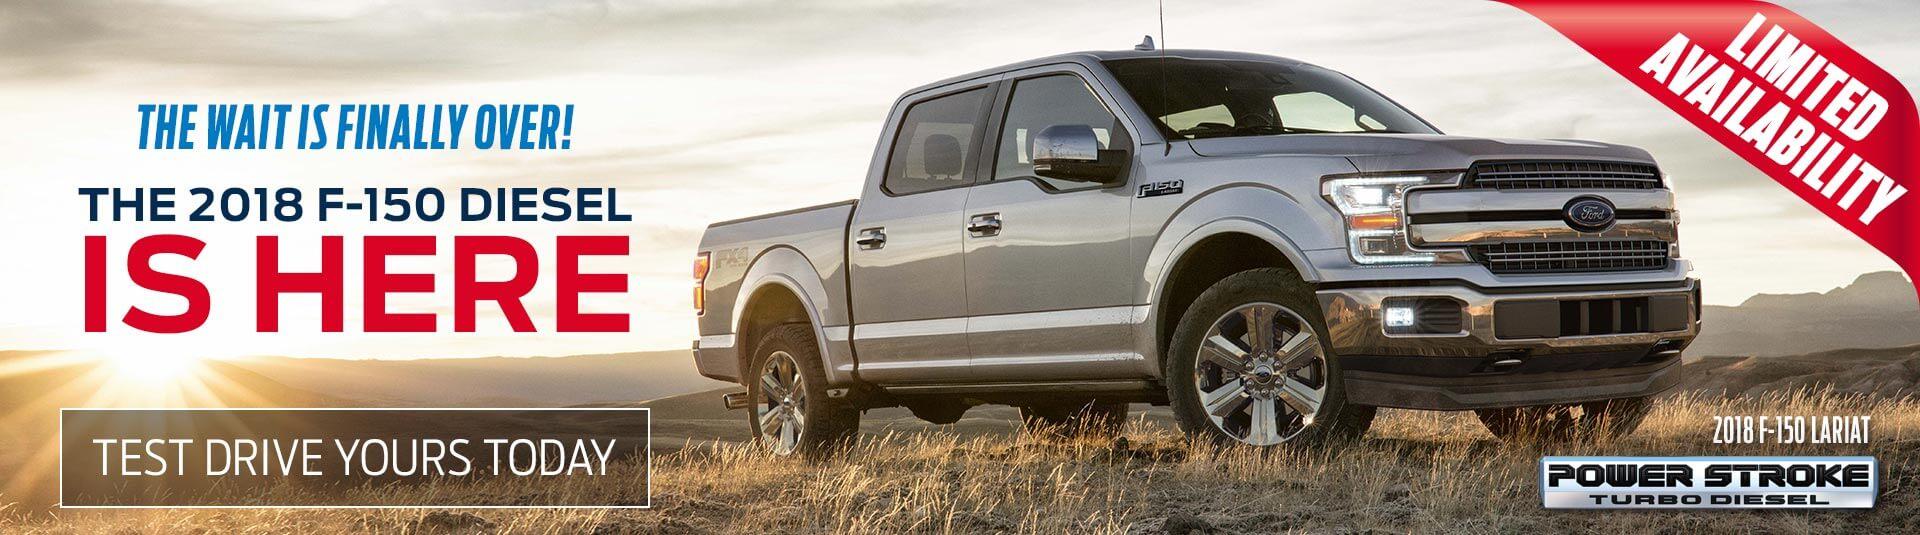 Ford F-150 Diesel Sales